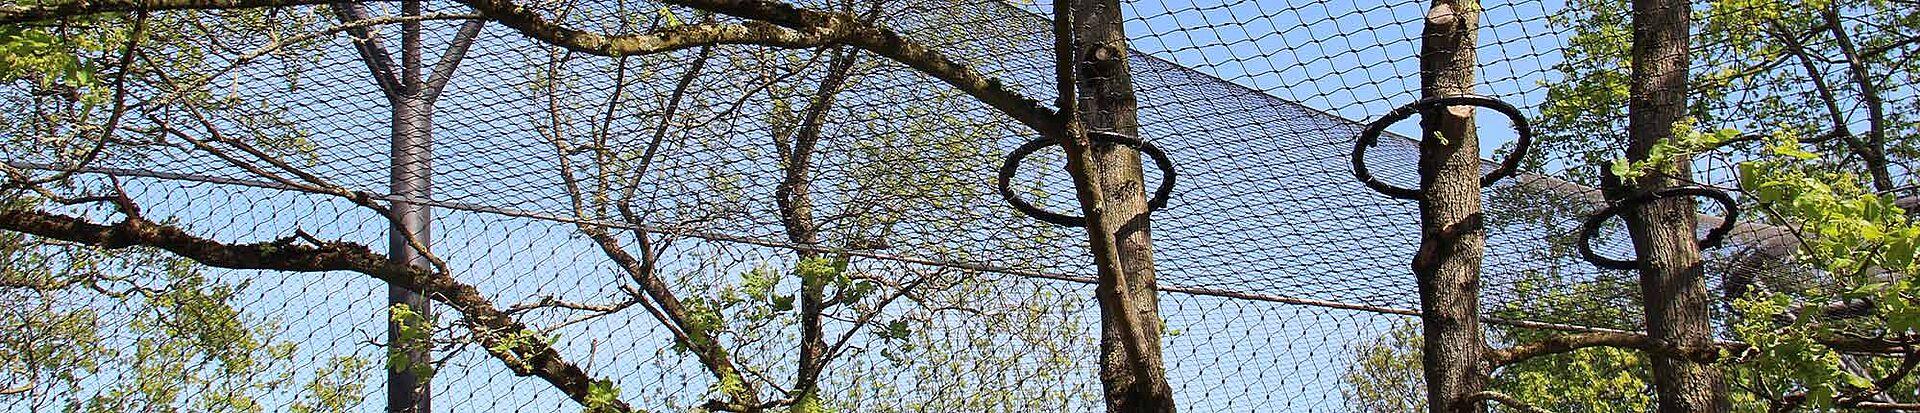 Schneeleoparden Gehege Stuttgart Wilhelma X-TEND Edelstahl-SeilnetzSchneeleoparden Gehege Stuttgart Wilhelma X-TEND Edelstahl-Seilnetz